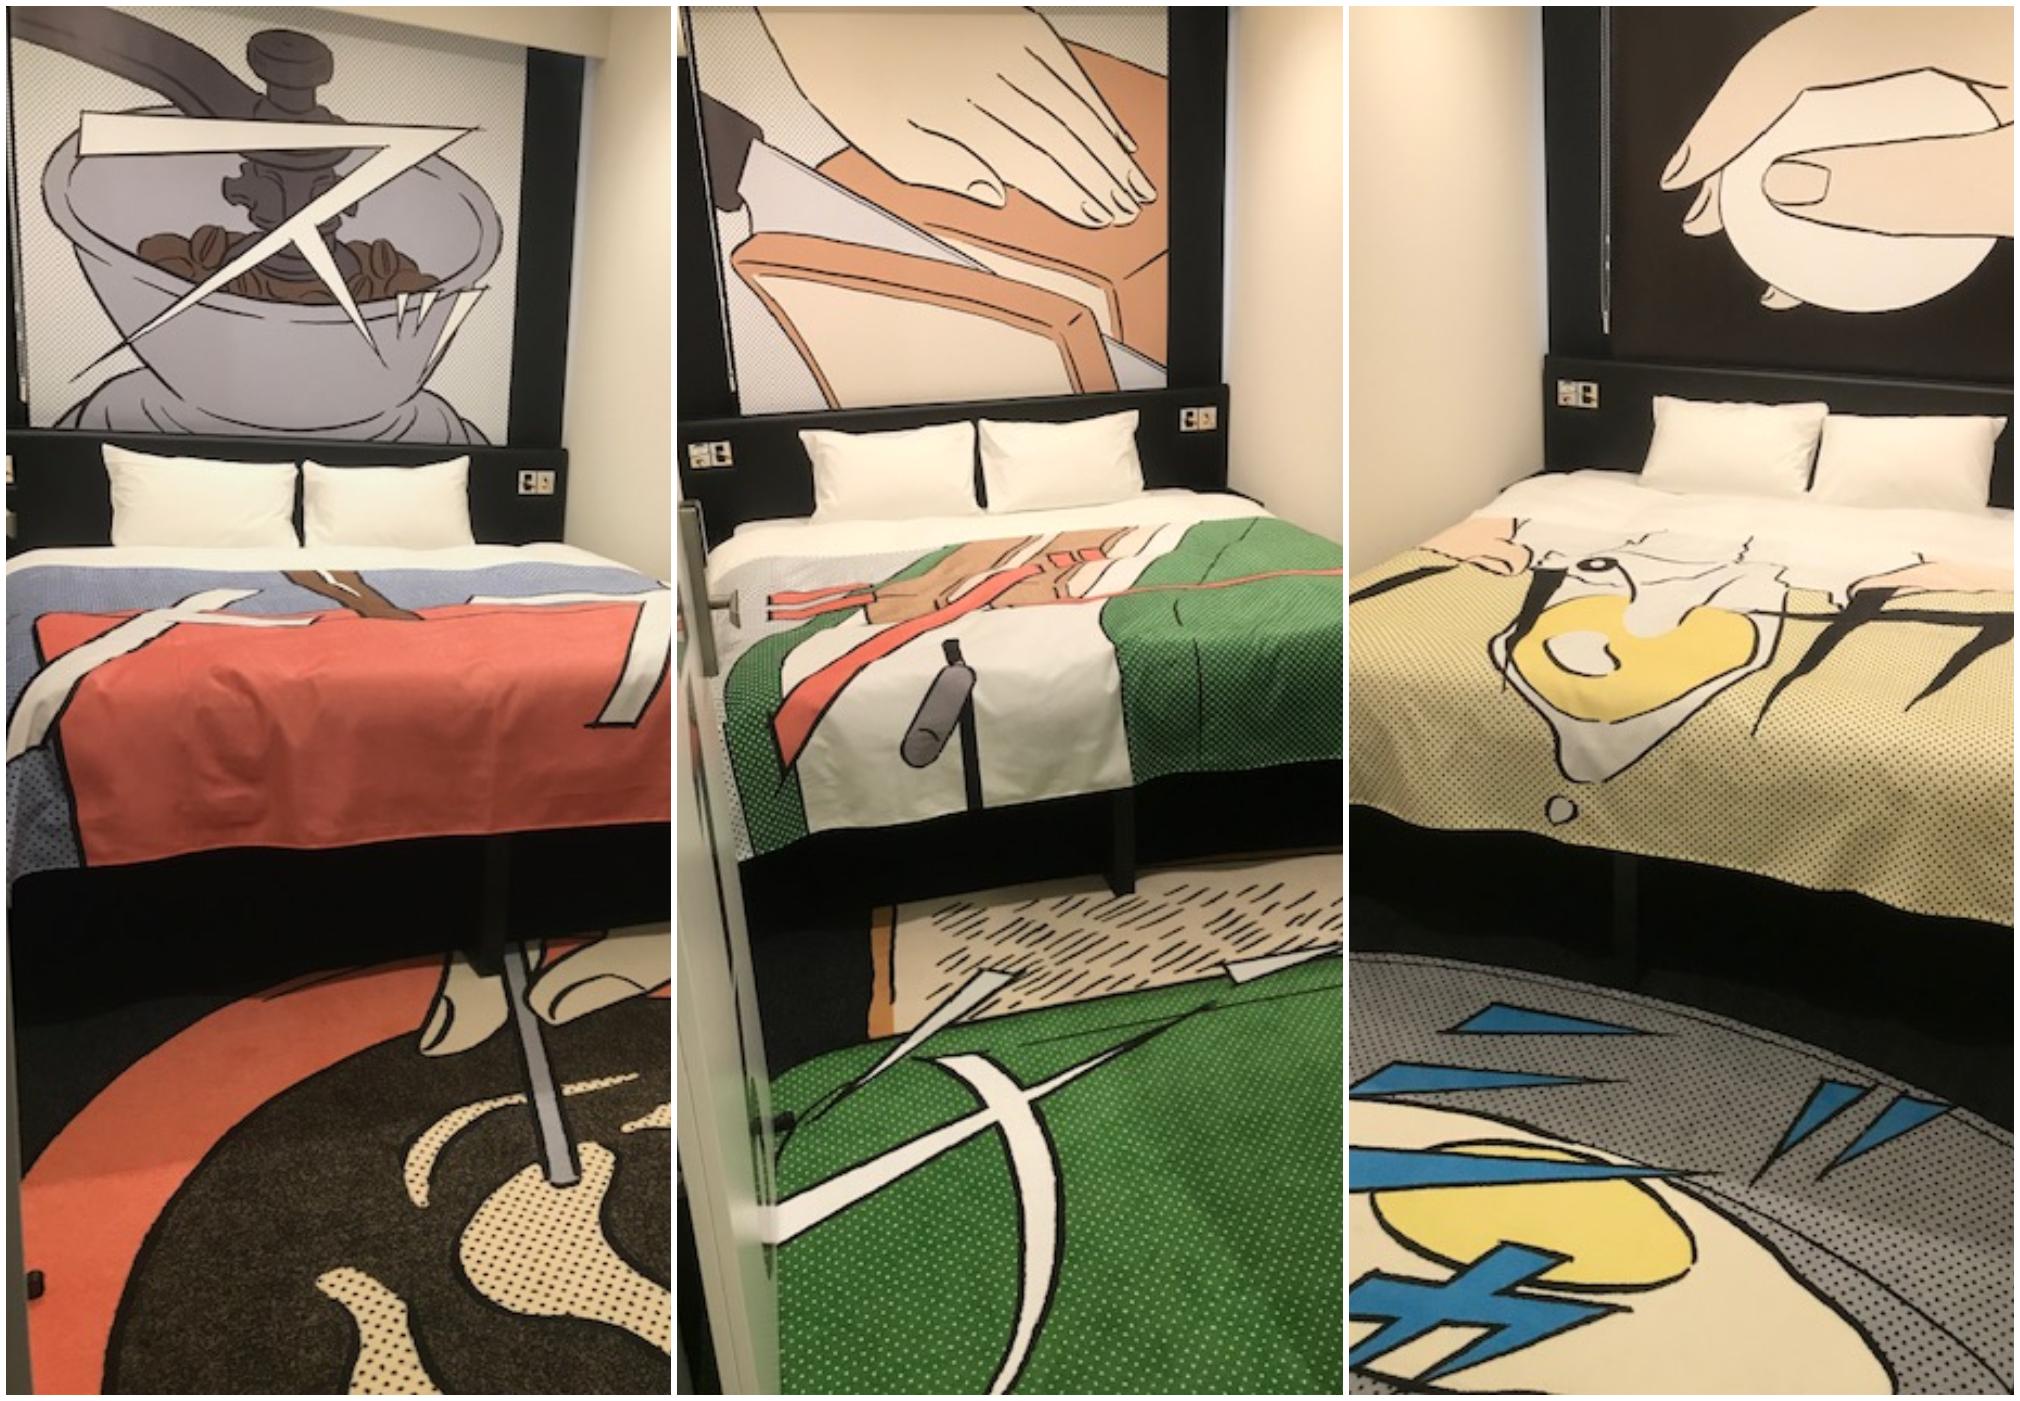 東京・浜松町に新ホテル「HOTEL TAVINOS Hamamatsucho」がオープン!マンガをコンセプトにした、交通アクセス抜群のユニークホテル_12